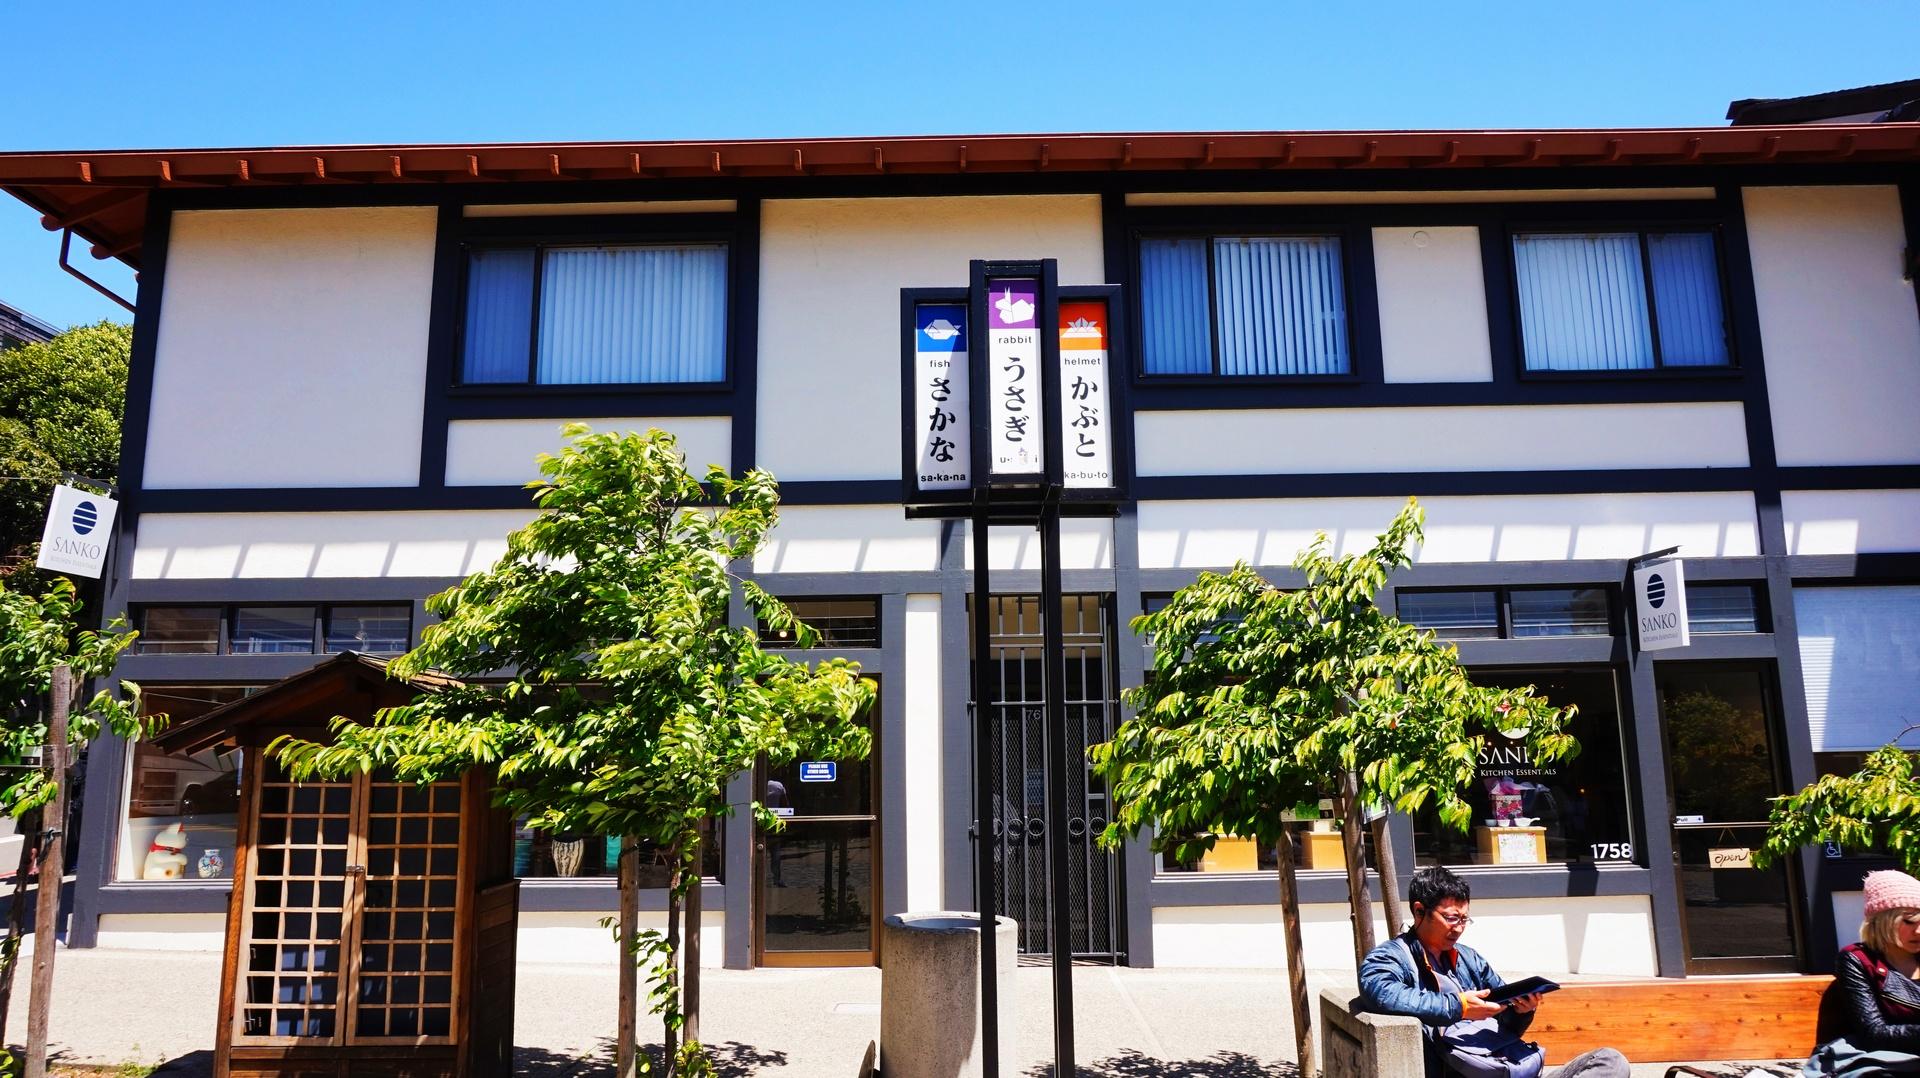 Japońskie budynki w Japantown, San Francisco, USA | Sway the way